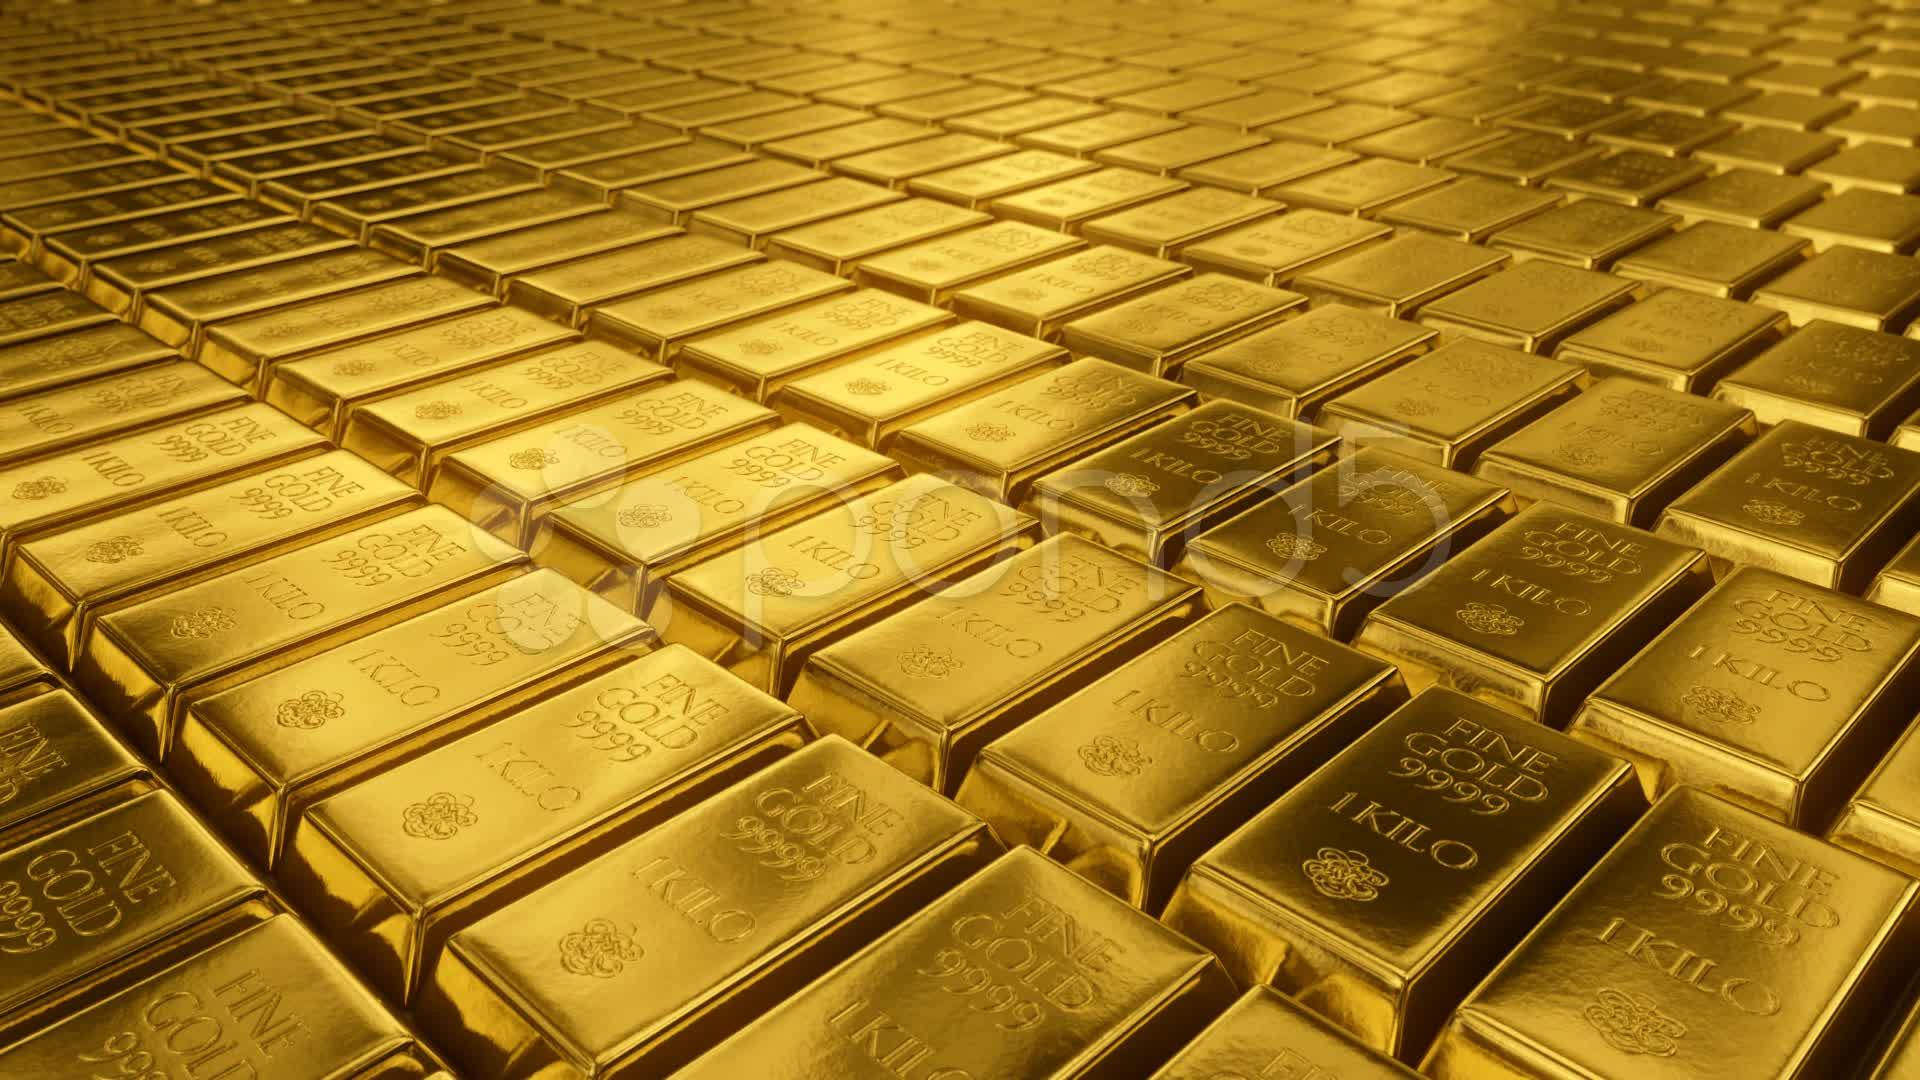 Gold Bullion Goldbar Treasury Wealth Ingot Luxury Finance